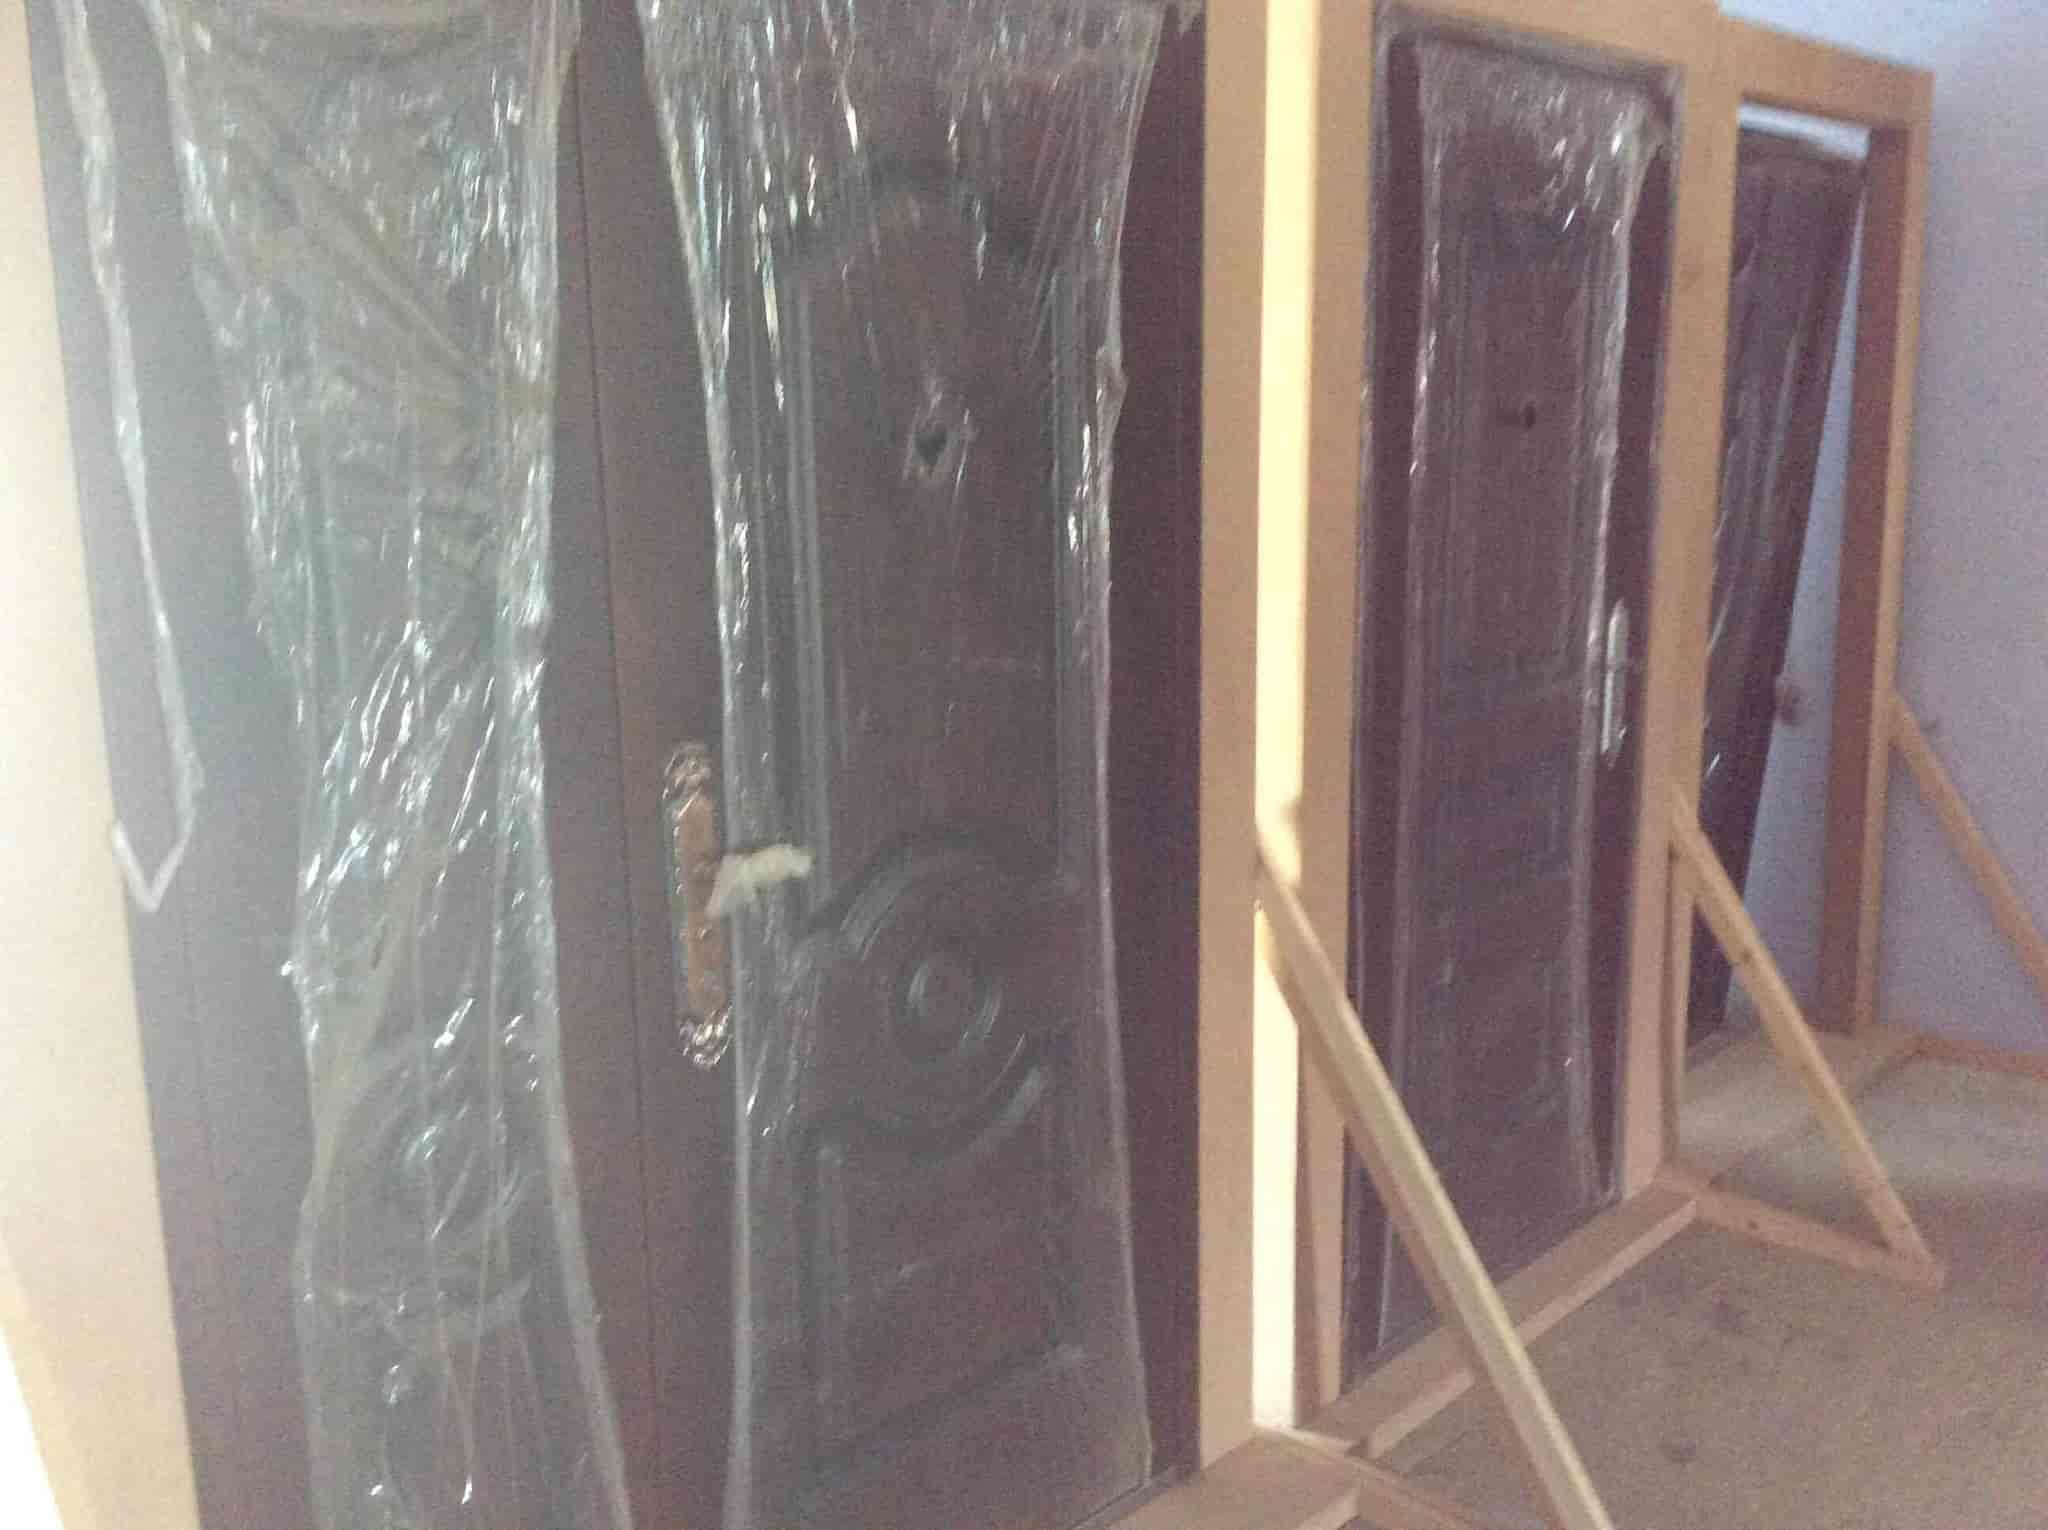 Velpa International Doors & Velpa International Doors Peelamedu - Door Importers in Coimbatore ...